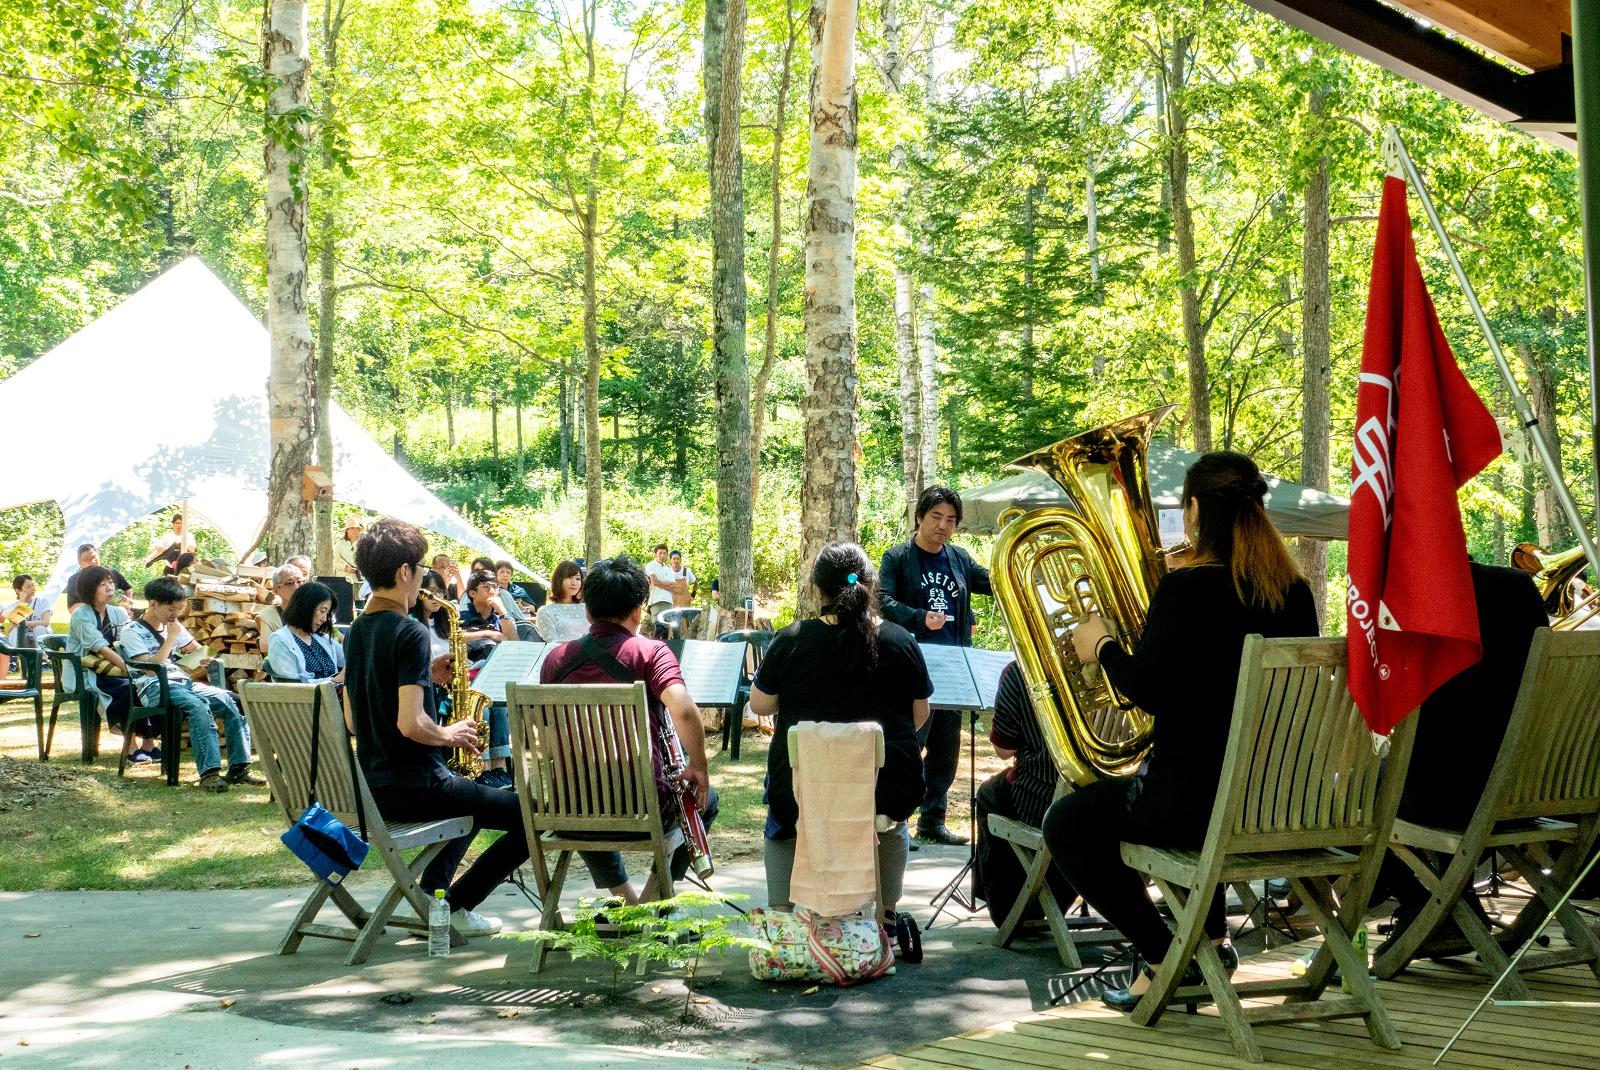 上川町「大雪 森のガーデン」の「遊びの森」誕生記念イベント開催